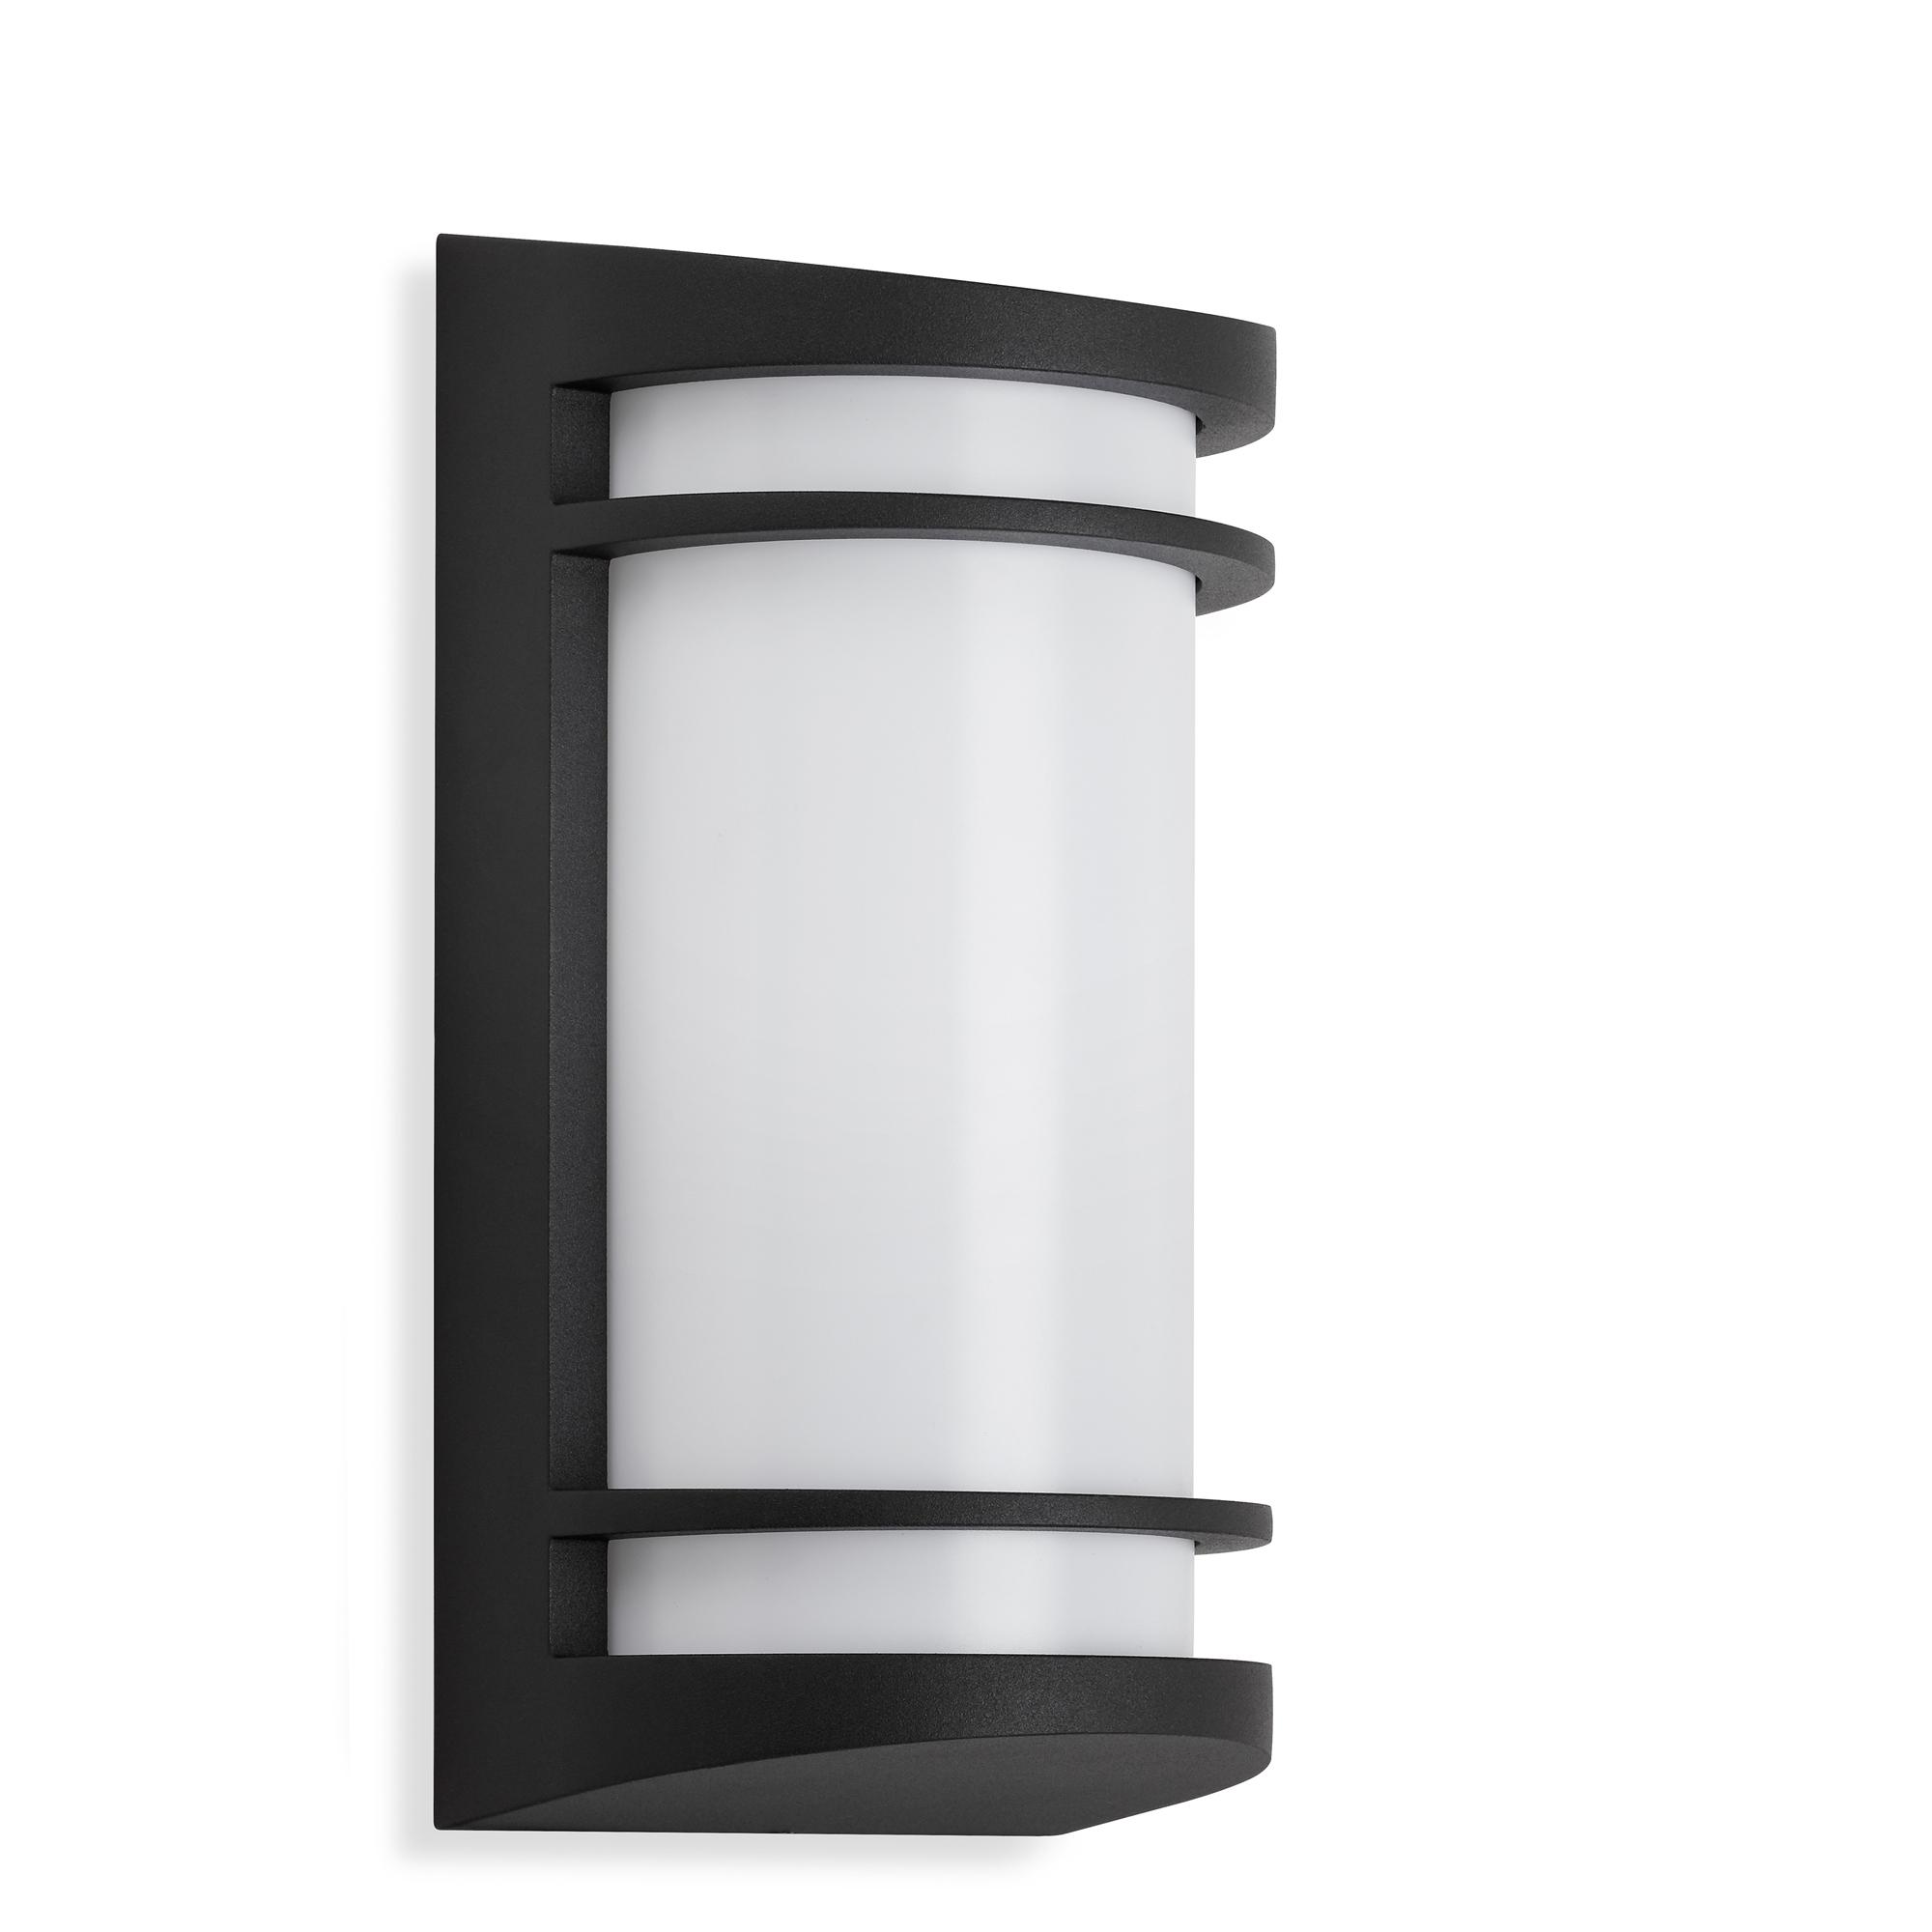 TELEFUNKEN LED Außenwandleuchte, 14 cm, 10 W, Schwarz